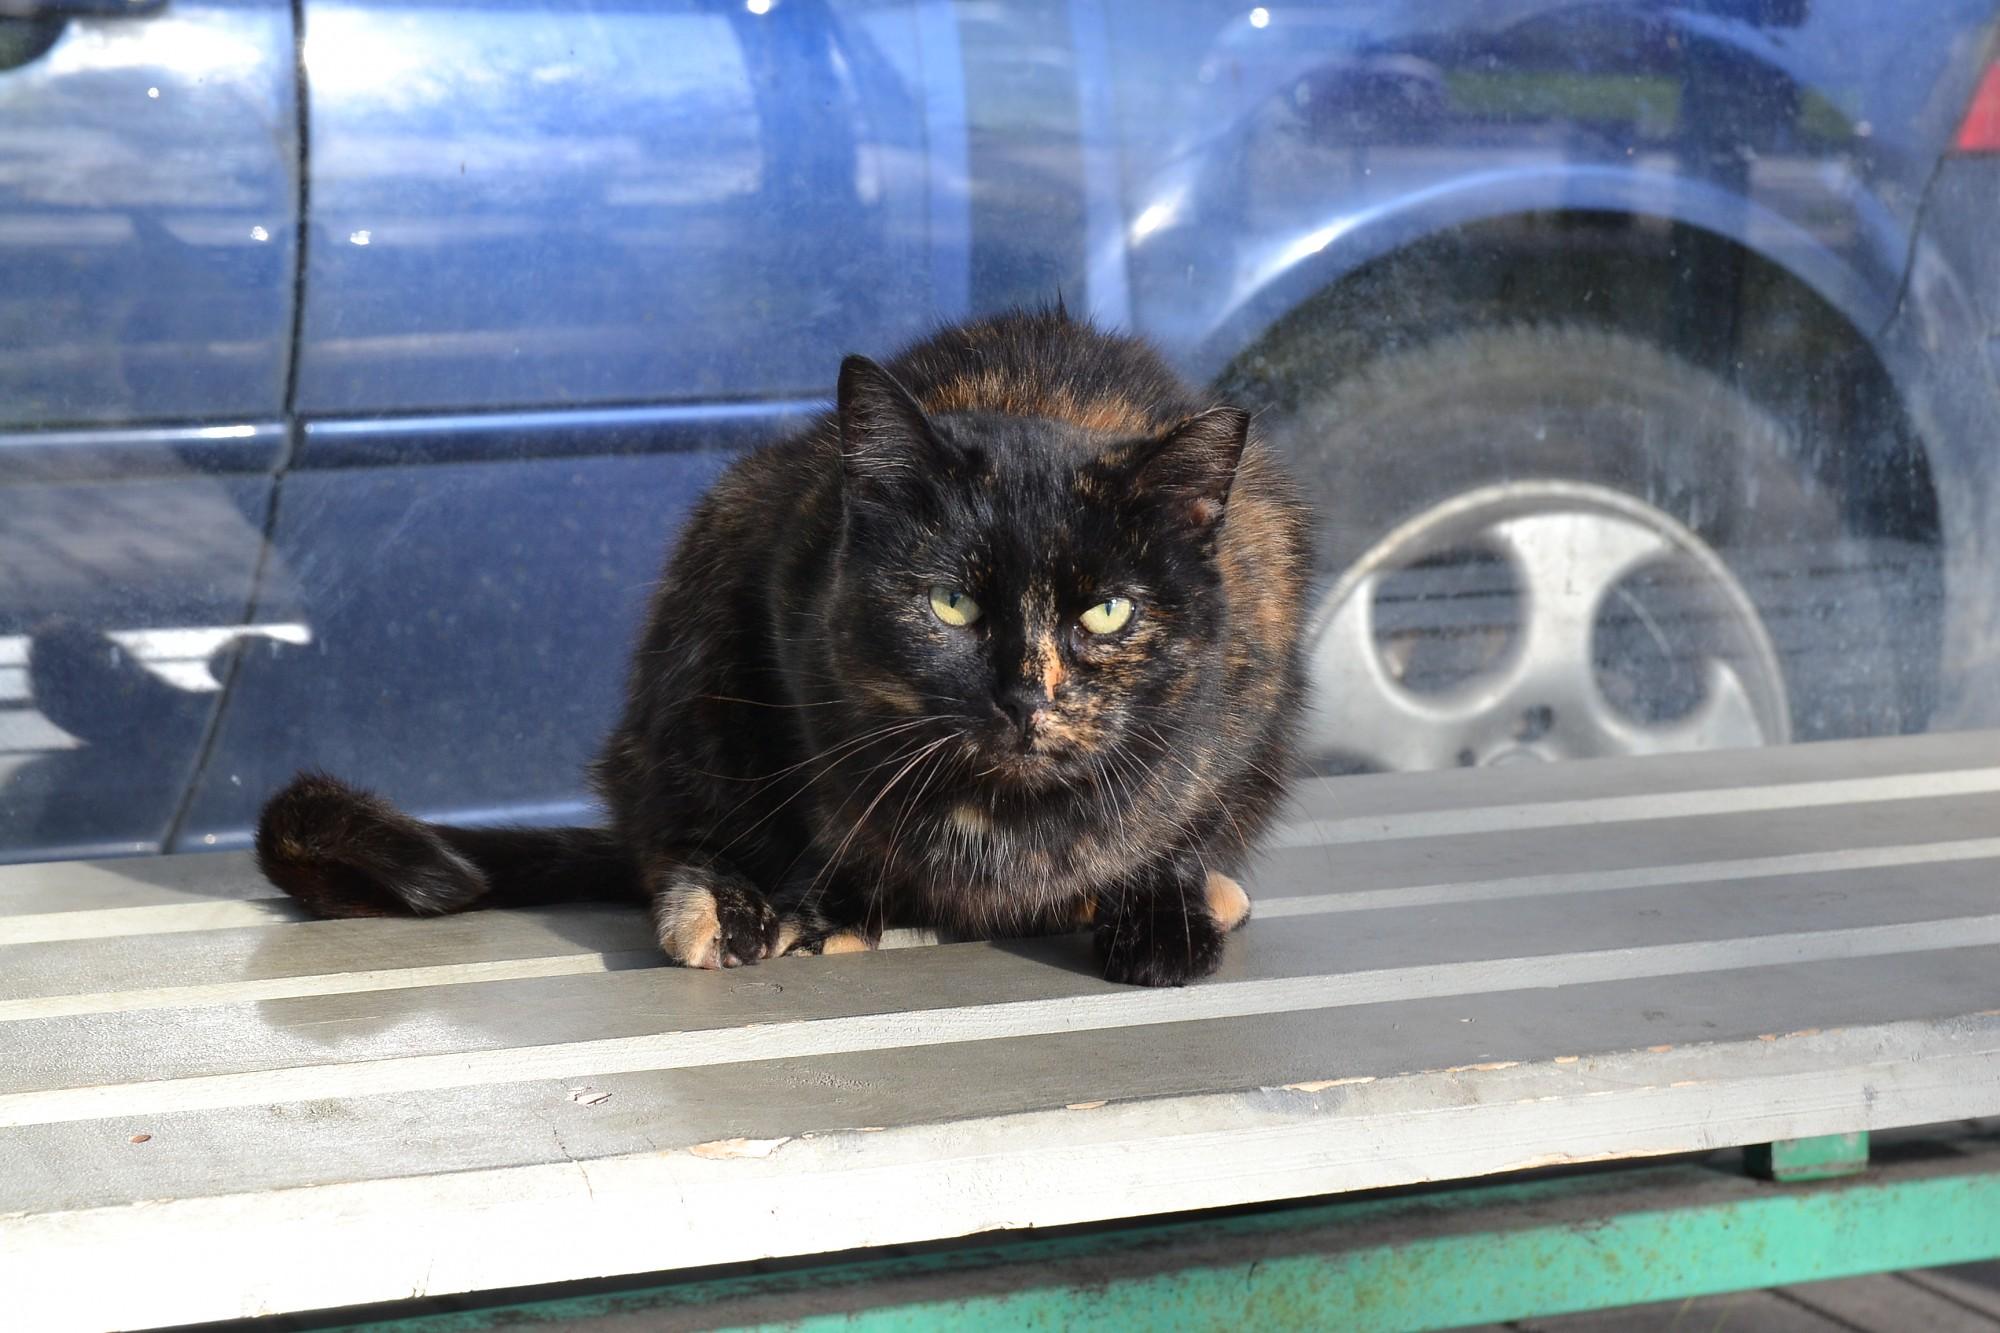 Visbiežāk dažādās likstās nokļūst kaķi. Kādiem dzīvniekiem ugunsdzēsēji glābēji palīdzējuši nelaimē